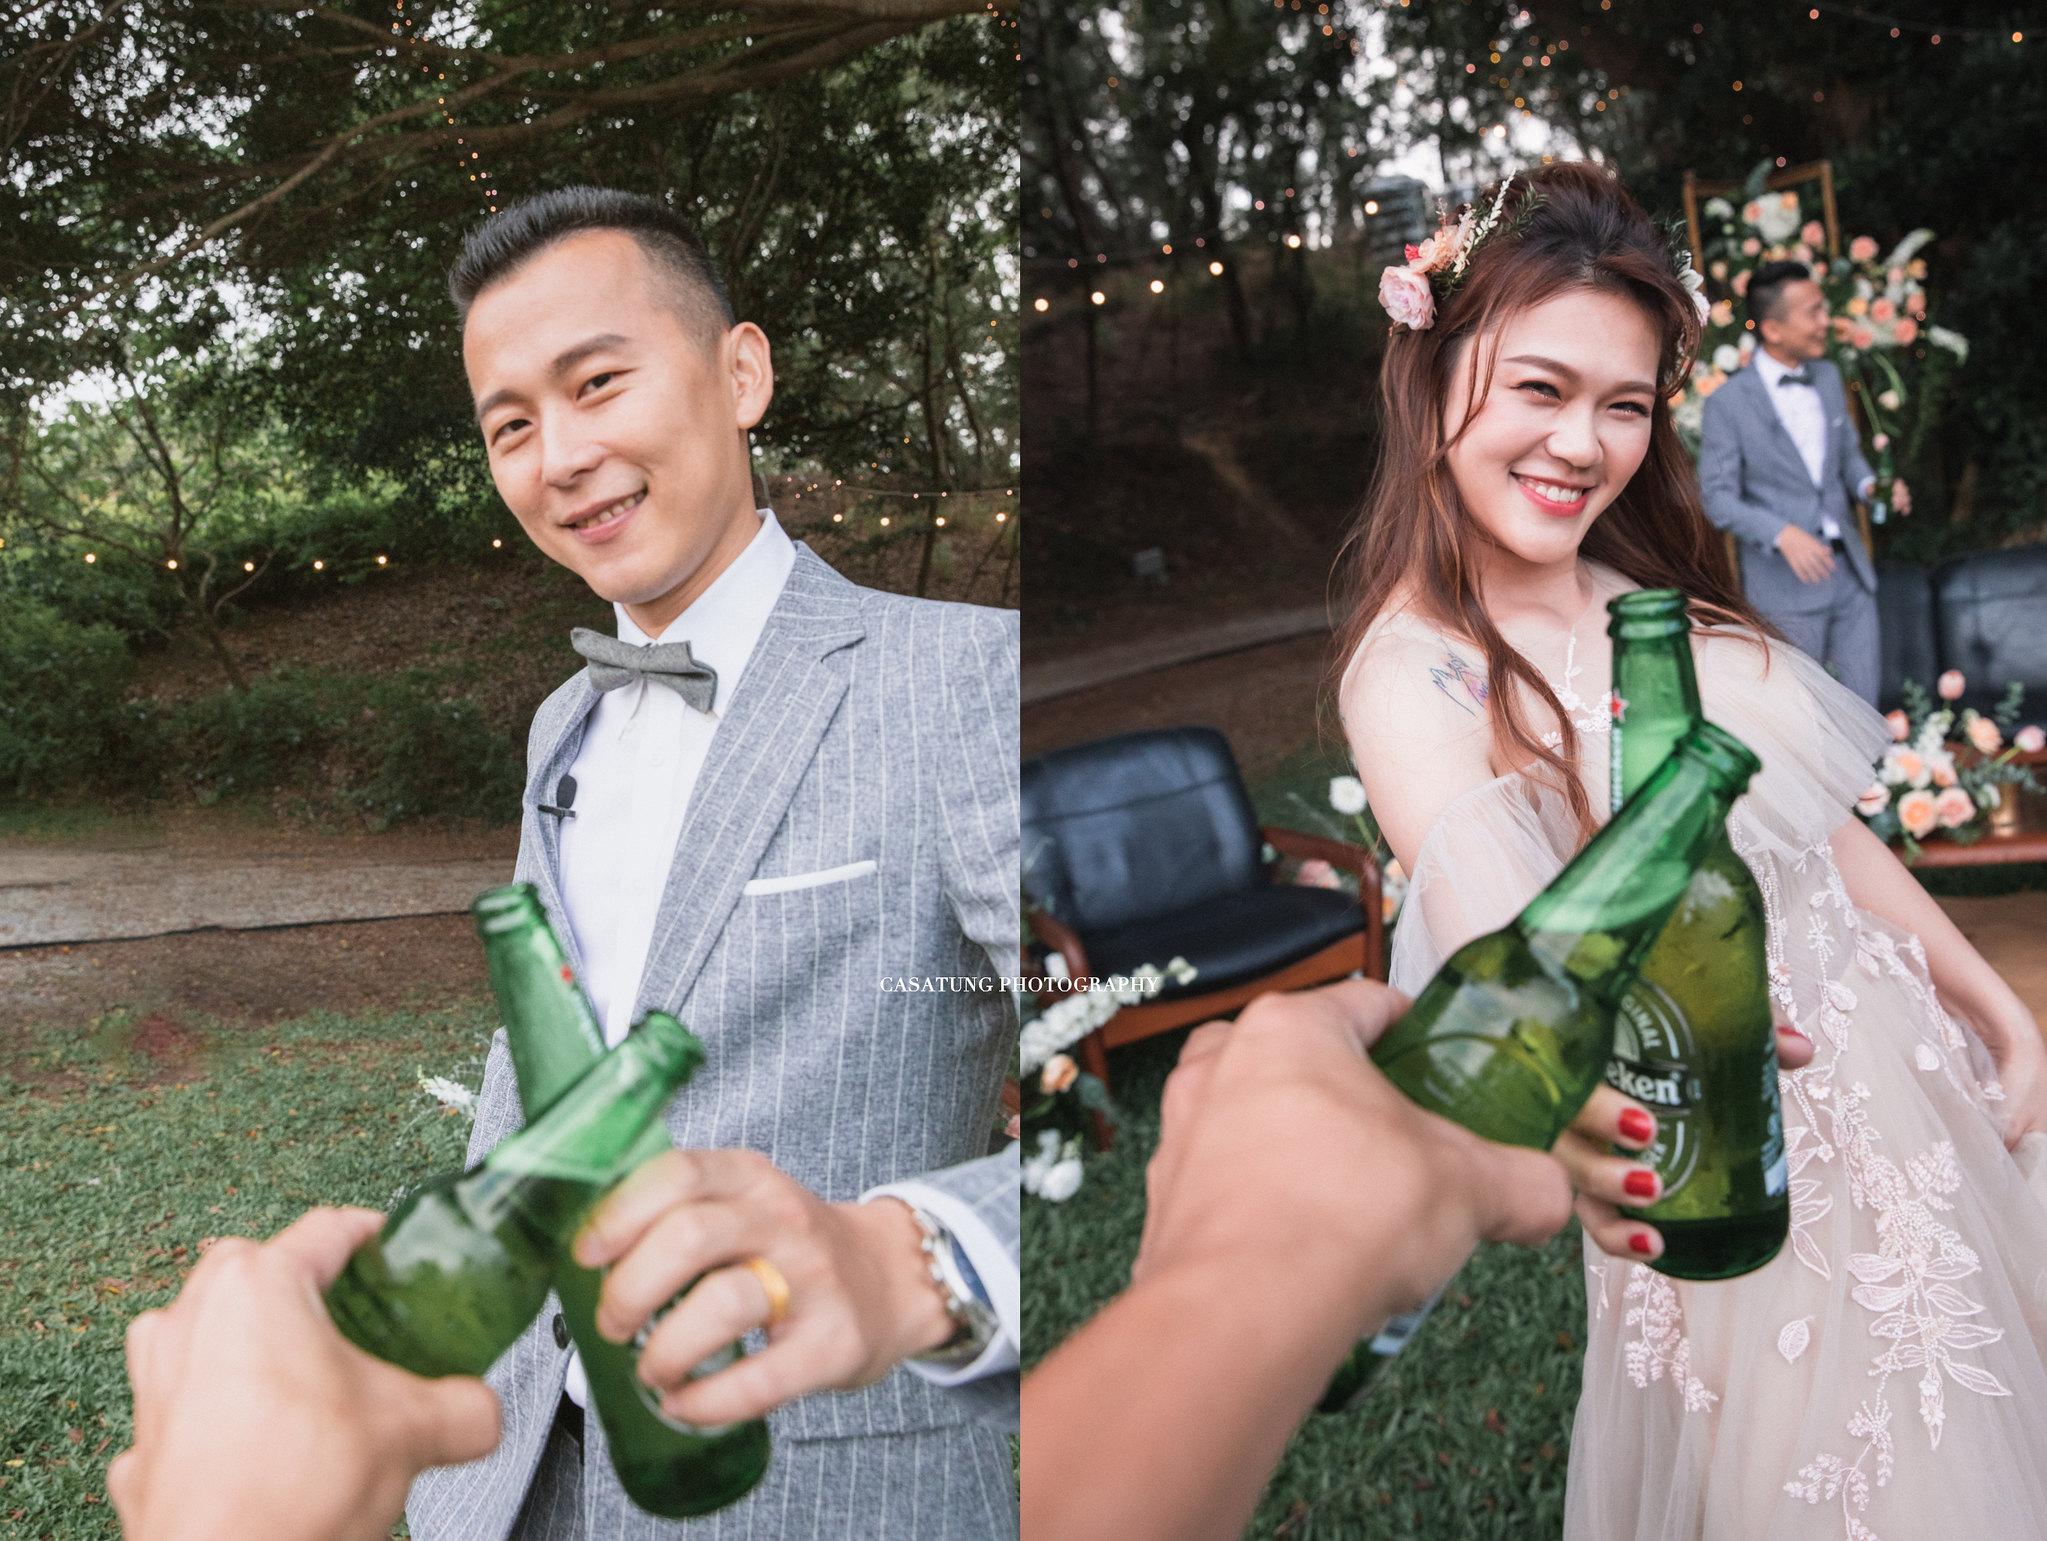 顏氏牧場婚禮,台中婚攝casa,旋轉木馬-59